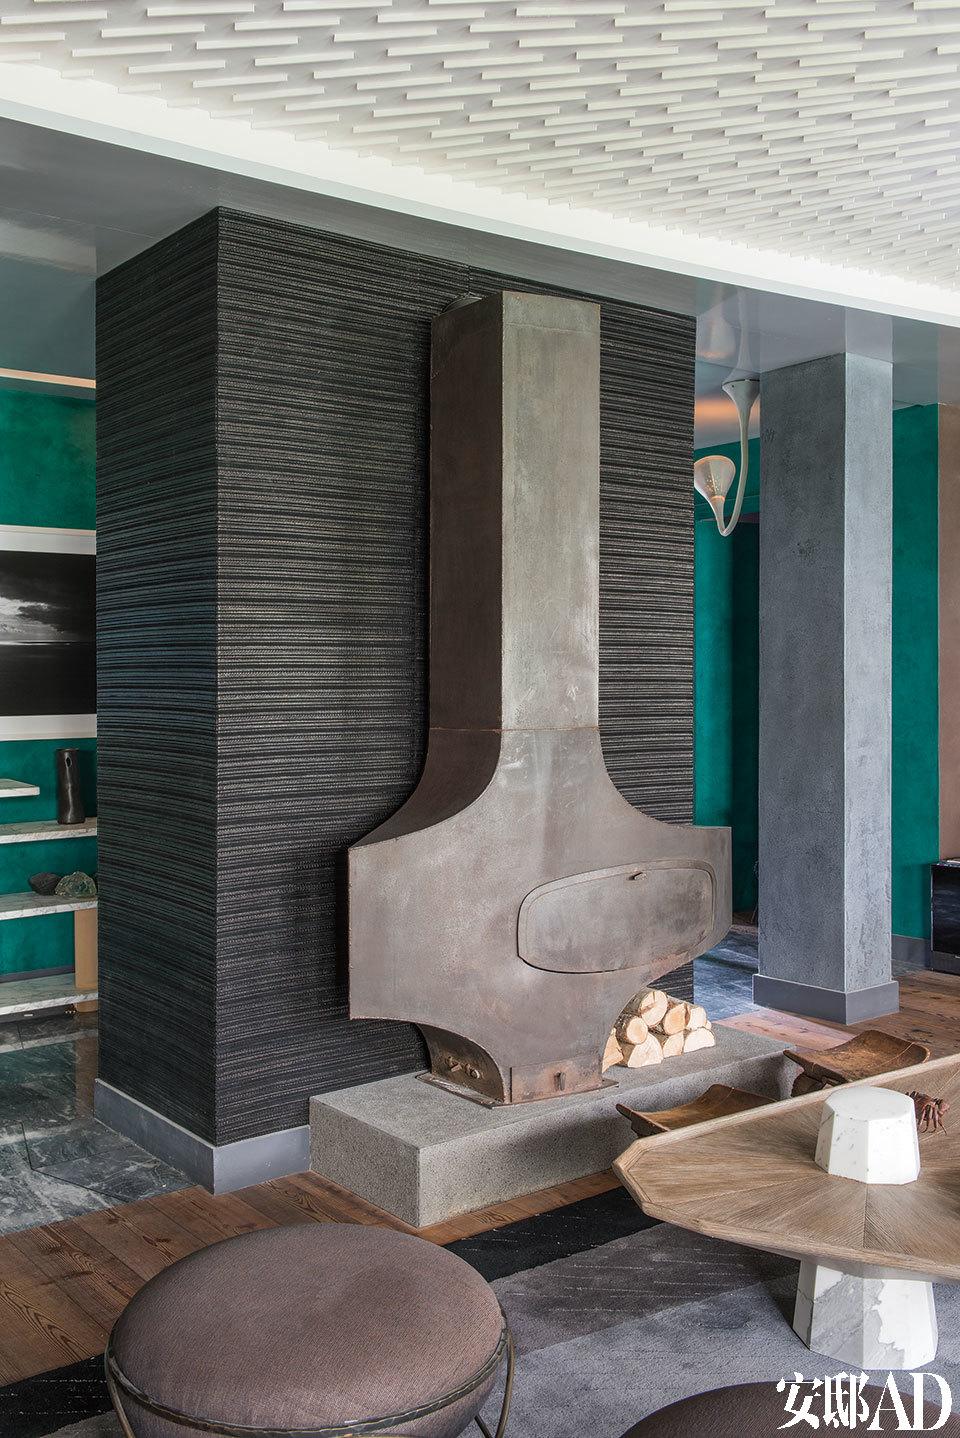 将起居室与门厅隔开的是一面柱子般的小墙,包裹表面的黑色织物面料采用皮革、羊毛和Lurex织物制成,由来自比利时布鲁塞尔的Charles Schambourg创作。